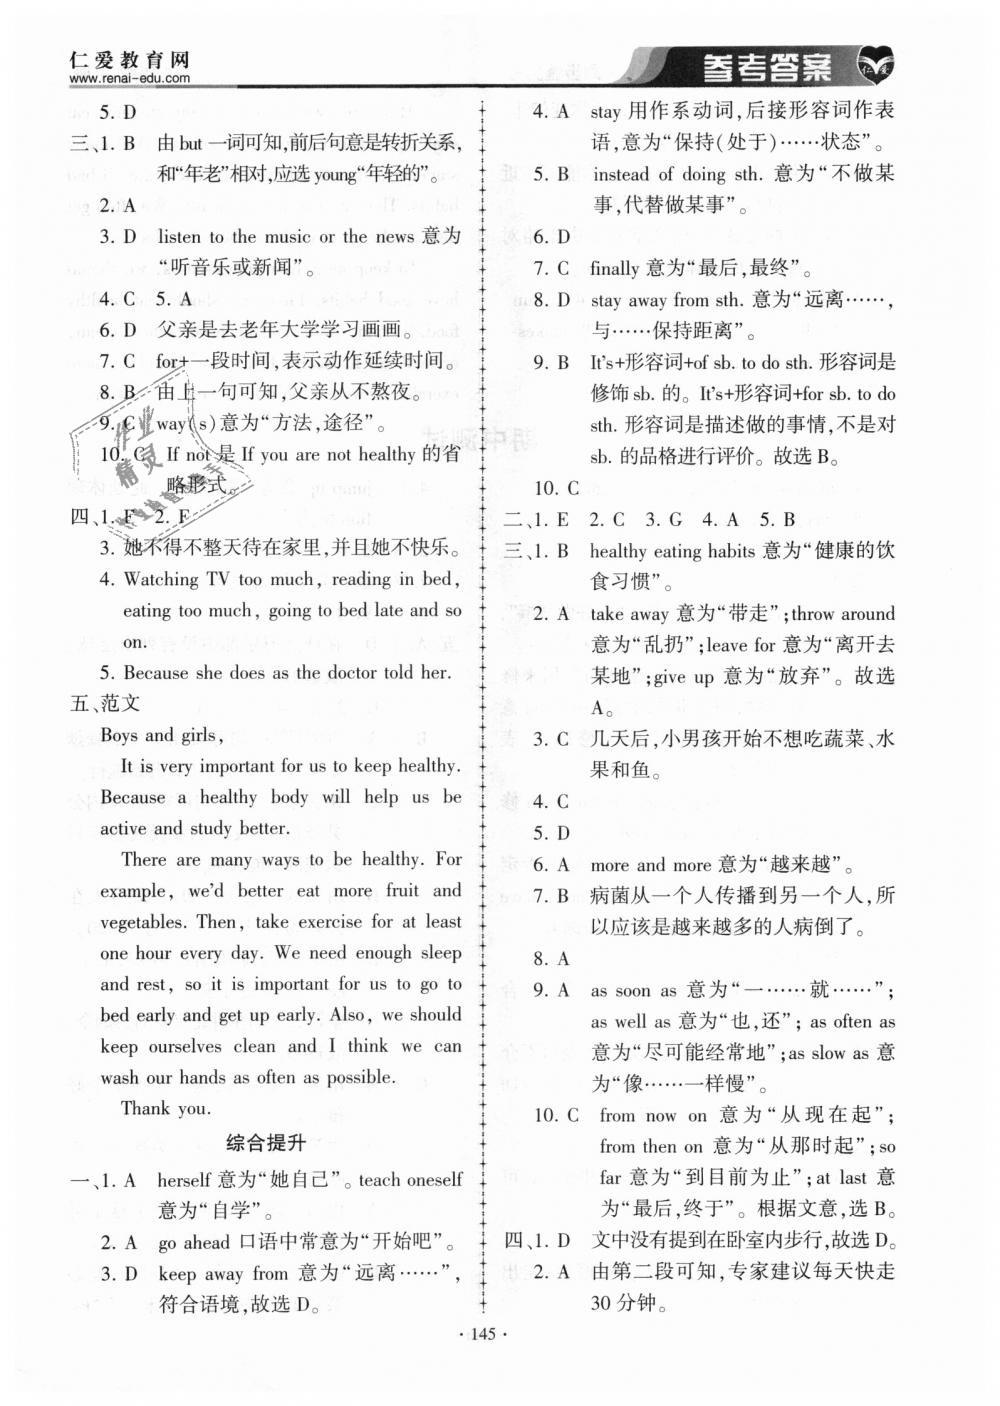 2018年仁爱英语同步练习册八年级上册E第15页